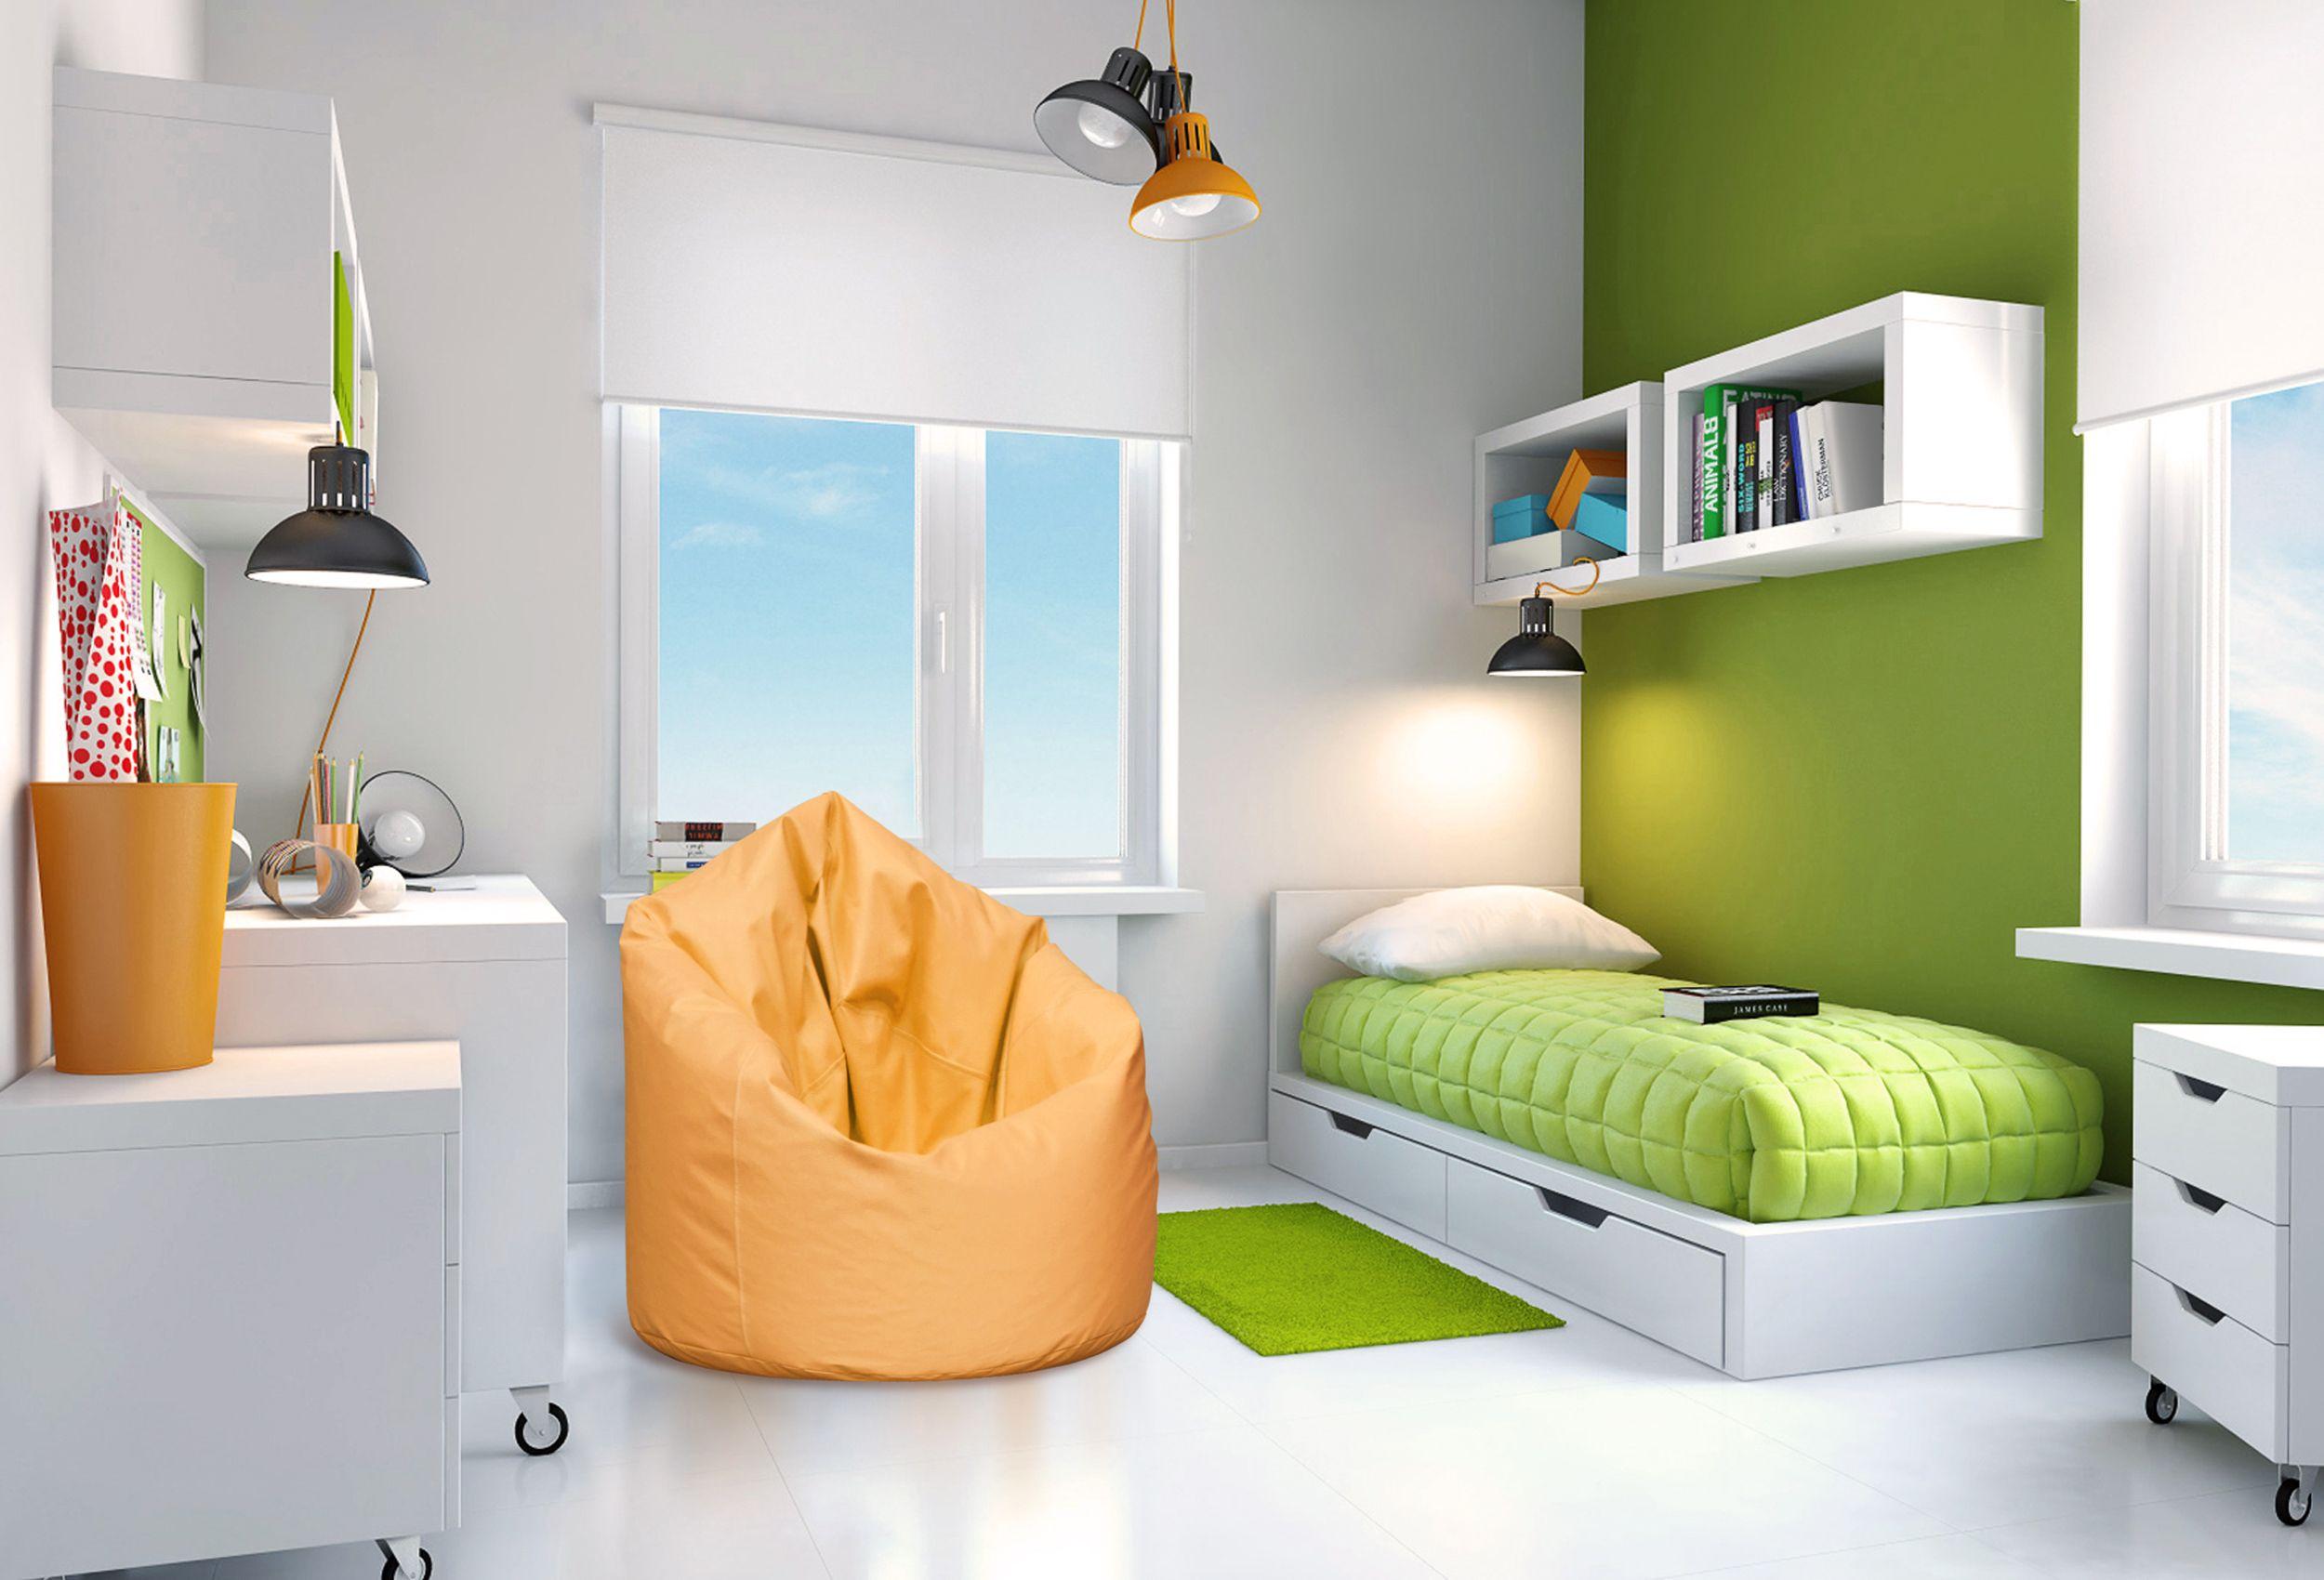 Hallo habe ich heute eine neue Dekoration. Noch Mal grüner ZImmer sehen Sie. Dieser Sitzsack SAko ist super und eignet sie für jedes Wohnzimmer. #Dekoration #Zimmer #SAko www.furini-sitzsack.de